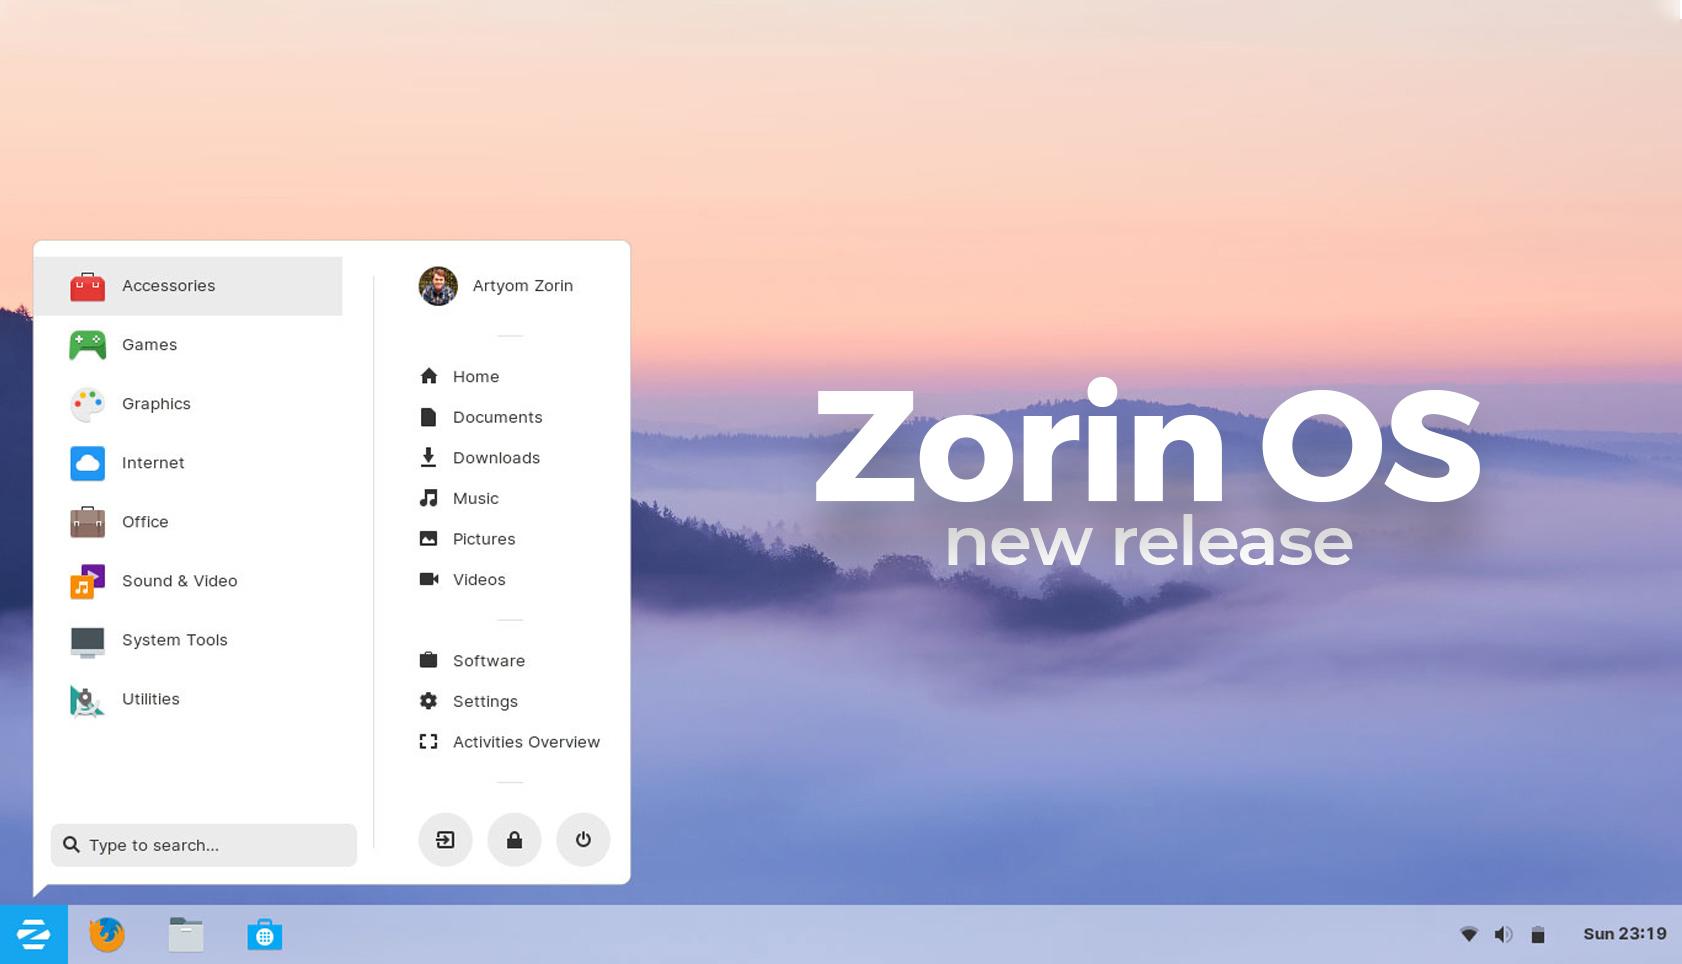 Zorin OS release